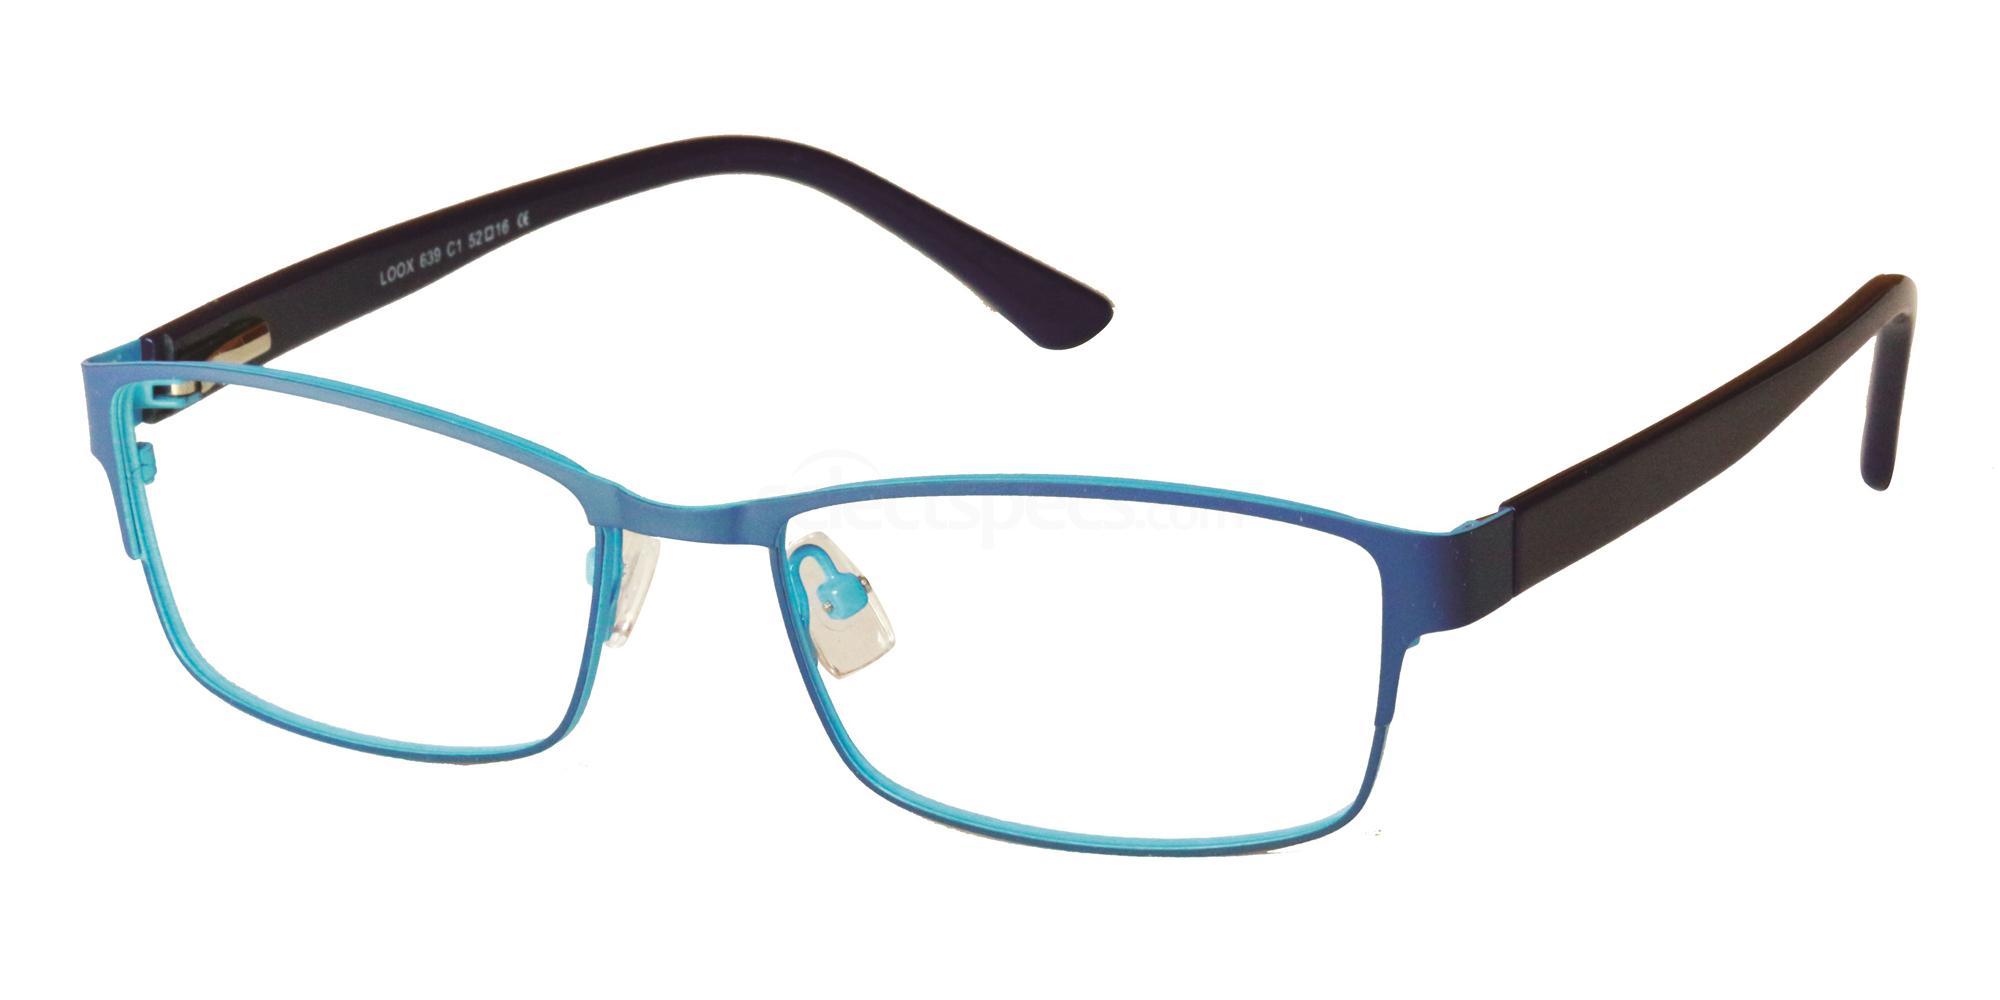 C1 L 639 Glasses, Loox